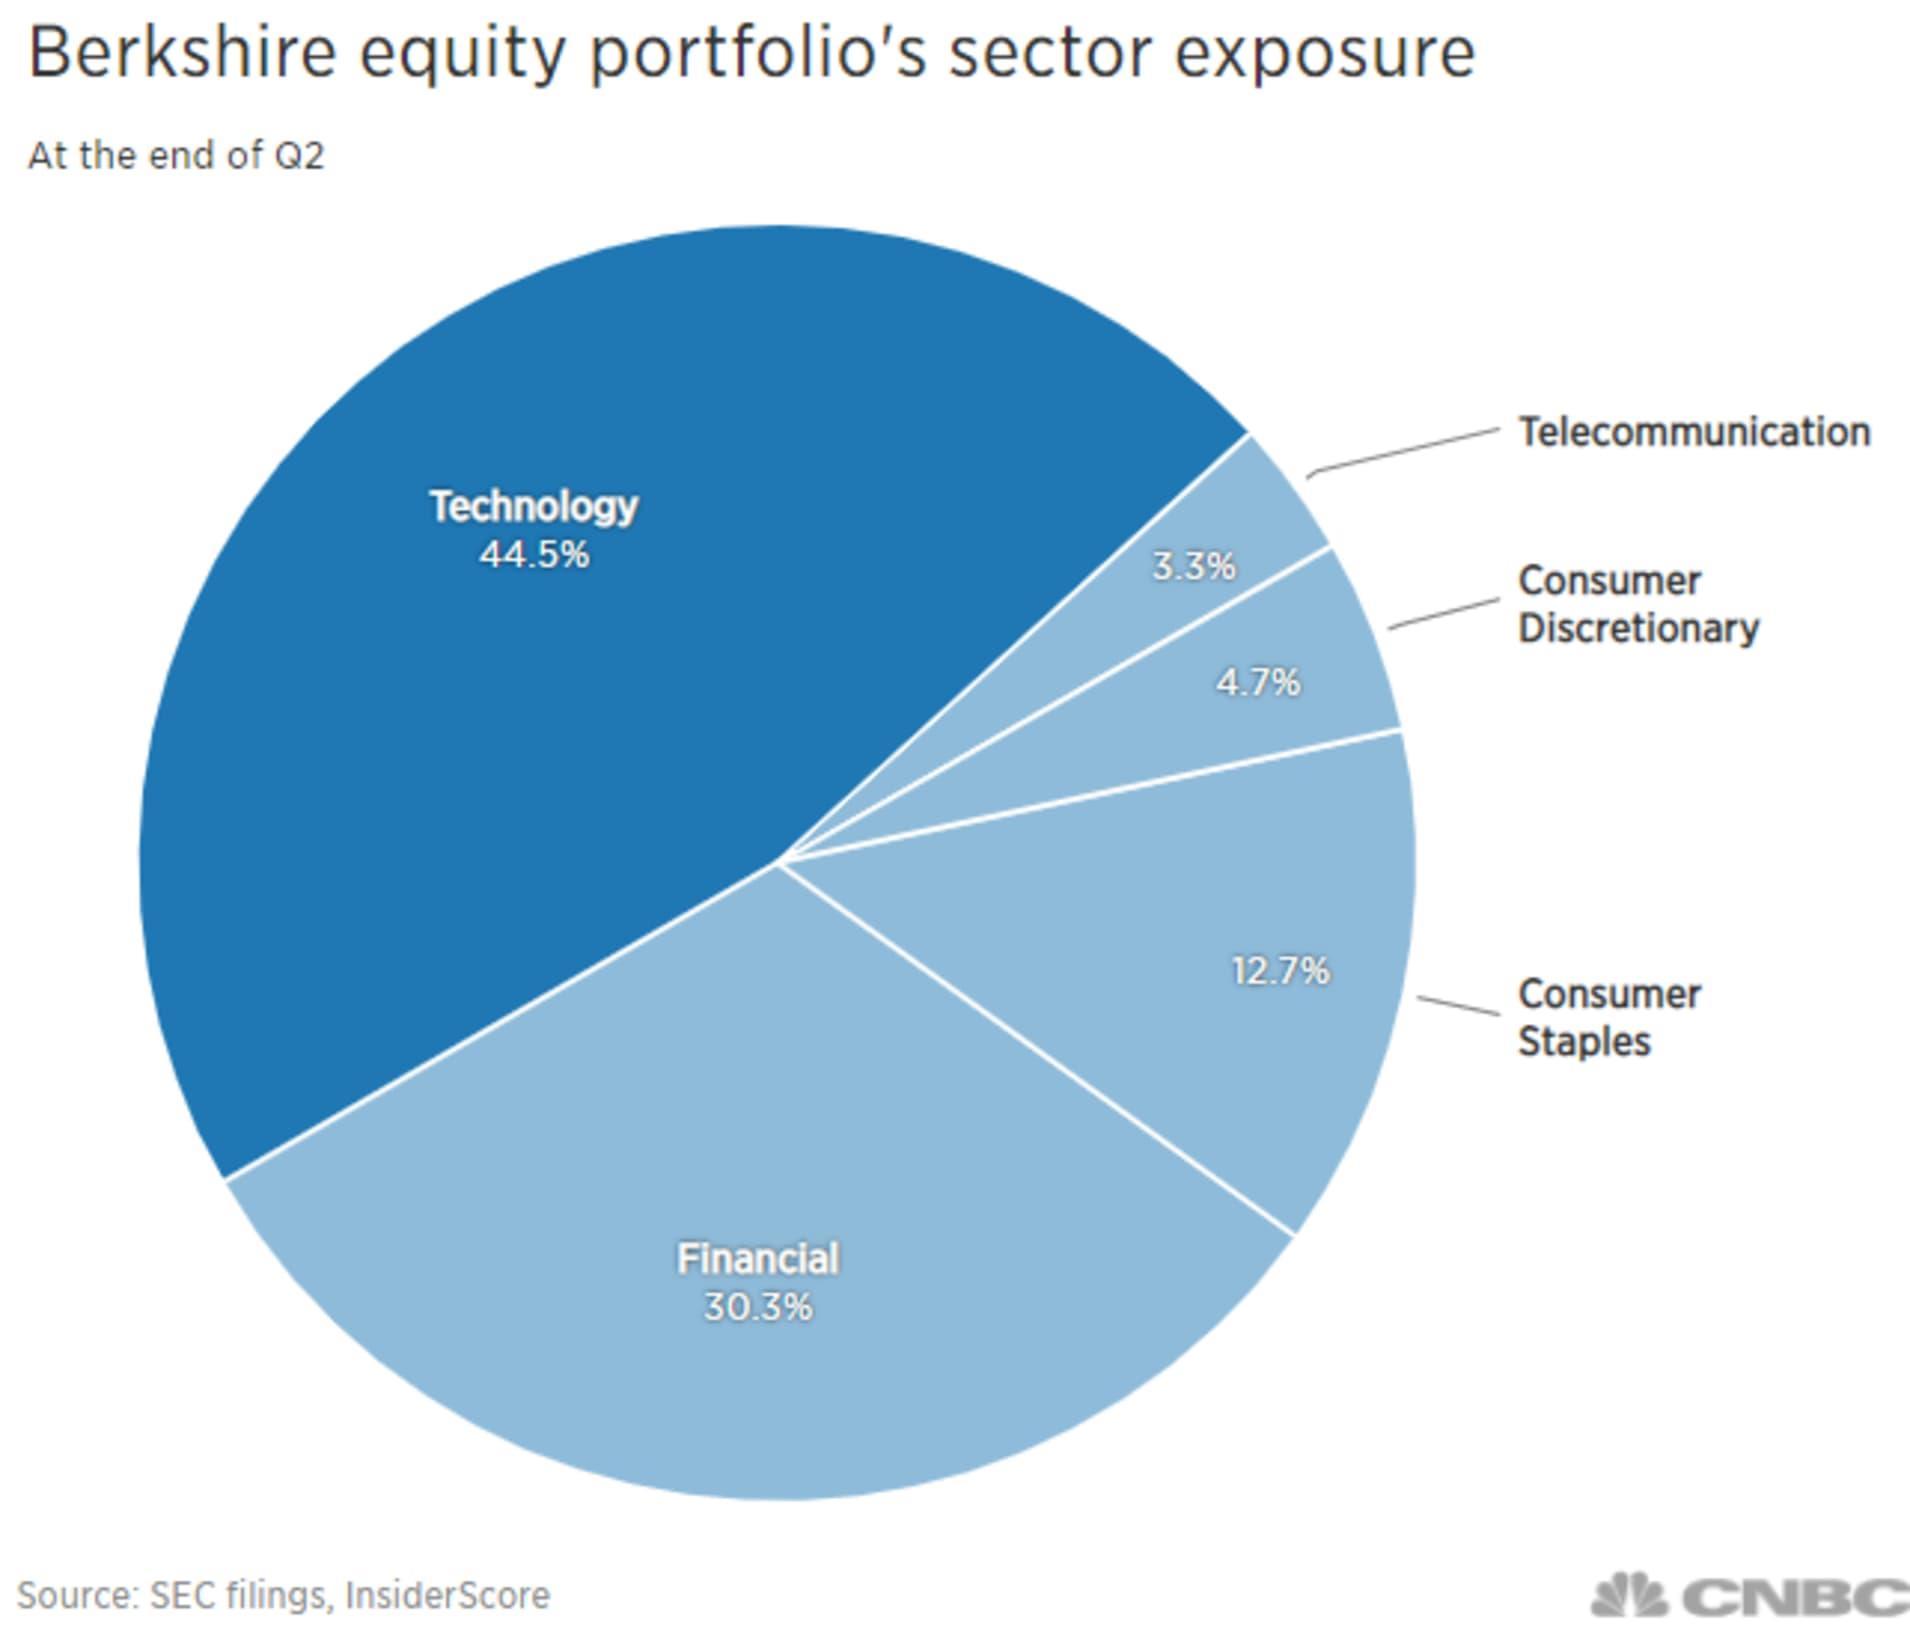 Công nghệ vượt tài chính trở thành danh mục đầu tư lớn nhất tạiBerkshire Hathaway với 44,5%. Nguồn: SEC, InsiderScore.